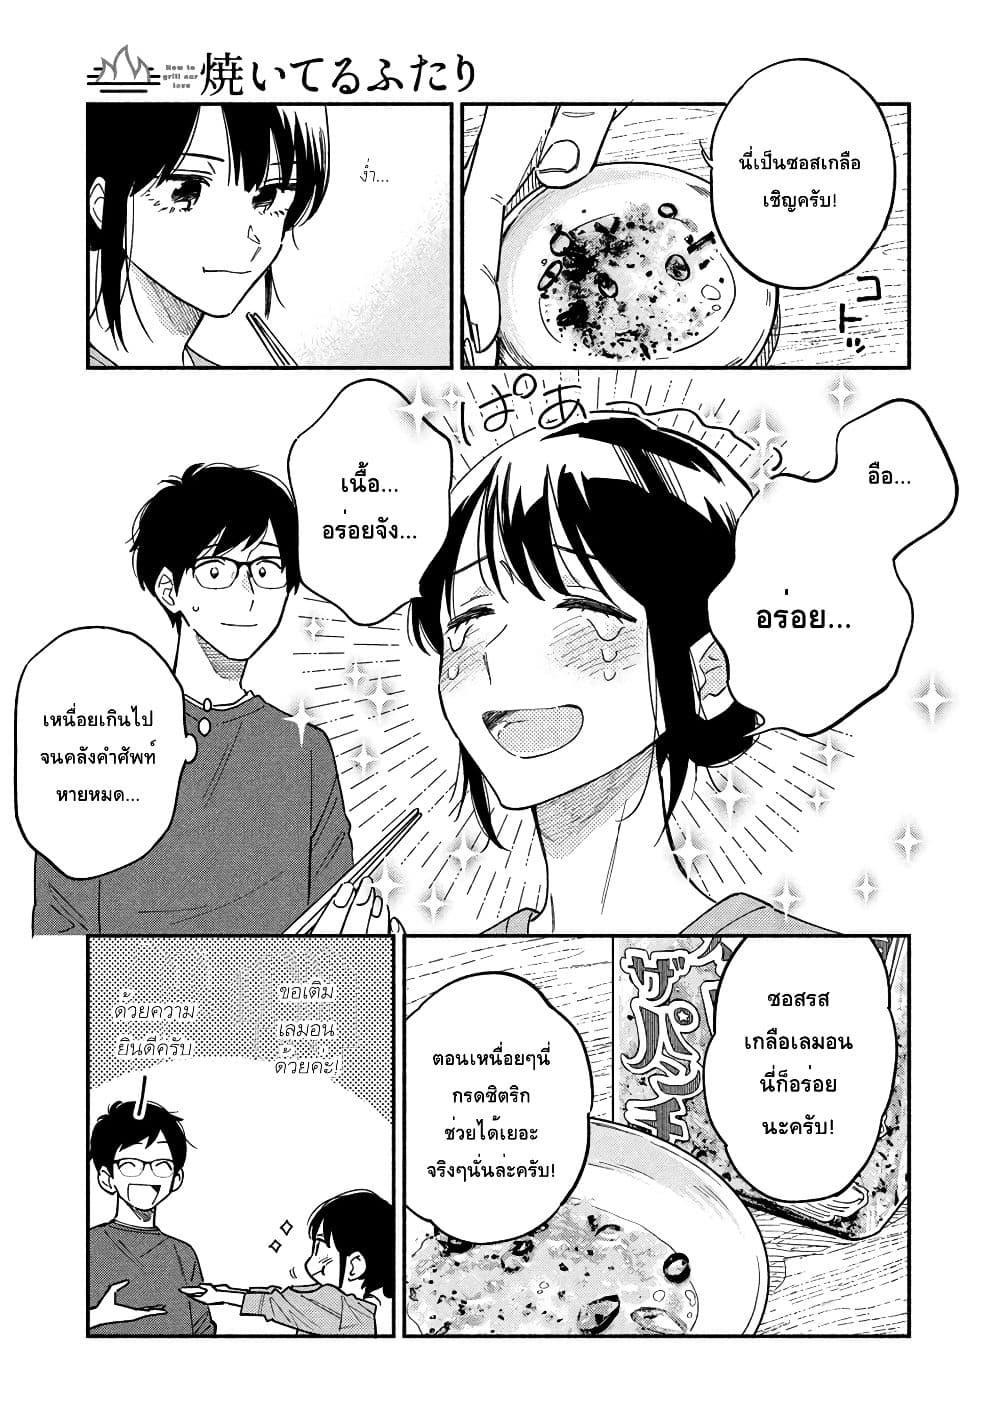 อ่านการ์ตูน Yaiteru Futari ตอนที่ 9 หน้าที่ 9